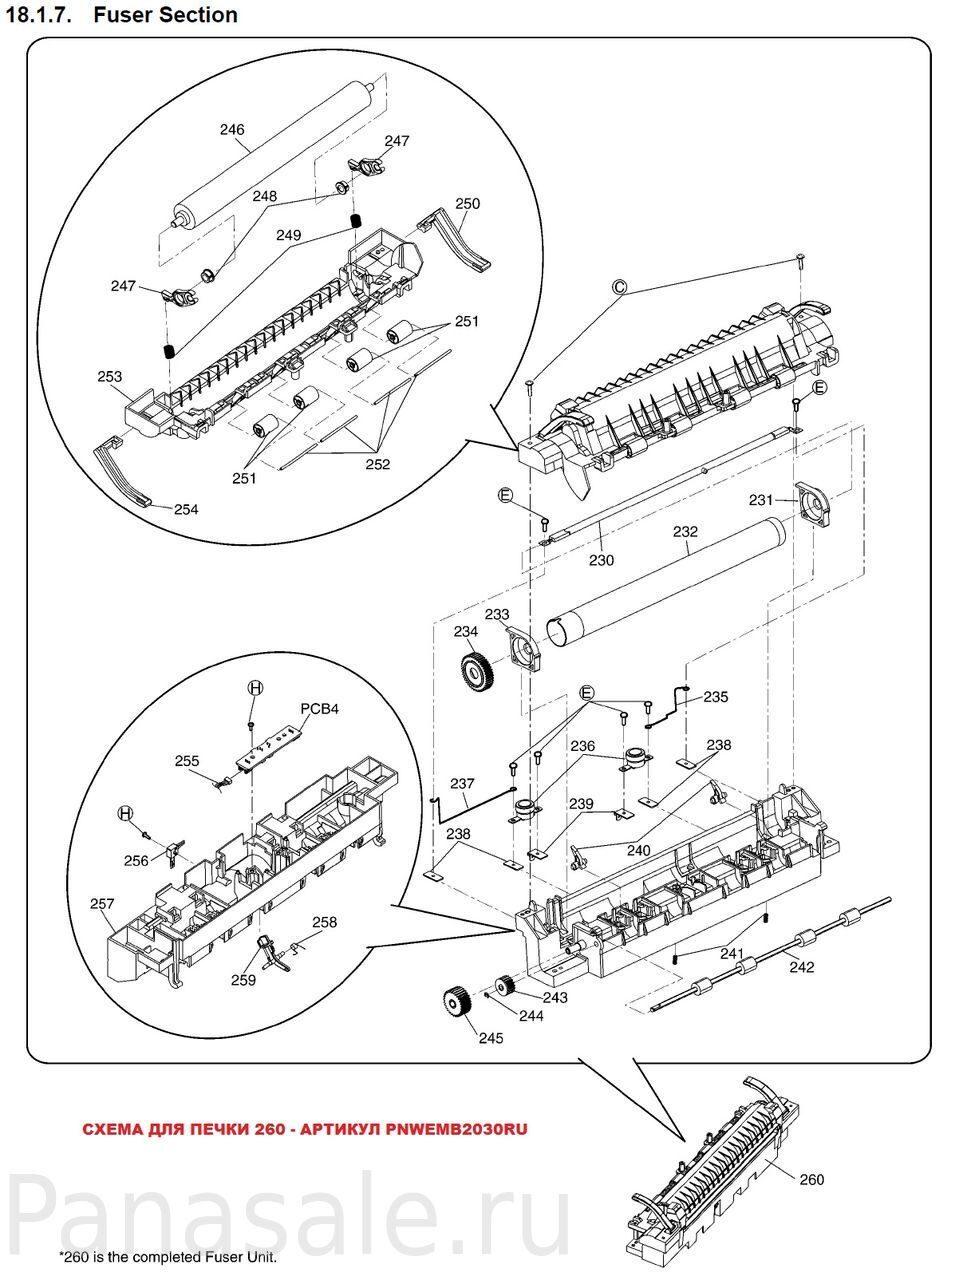 инструкция у телефону panasonic модель № kx-tga250ru